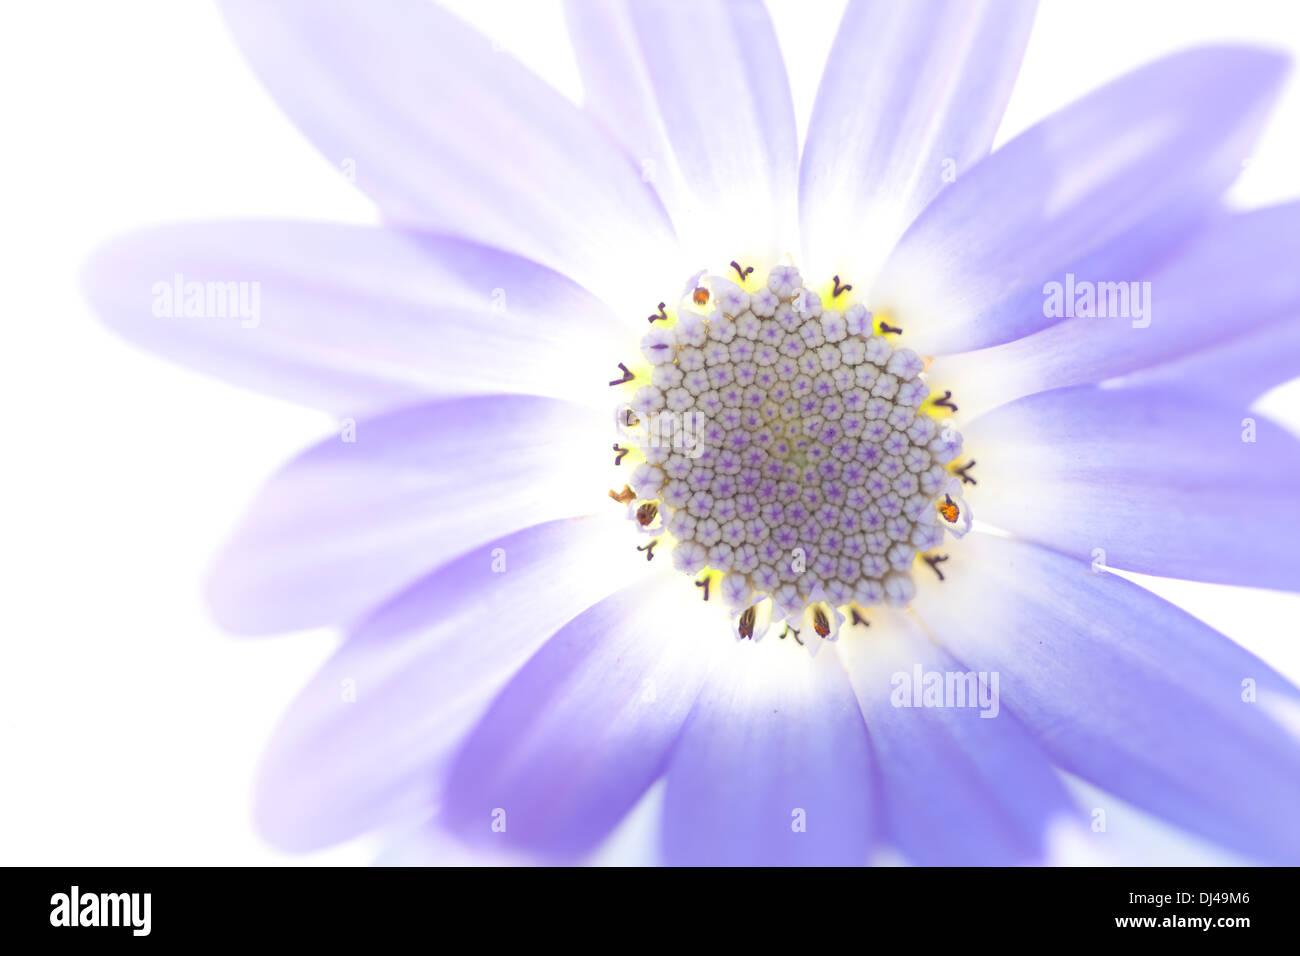 tender senetti bloom before white background - Stock Image